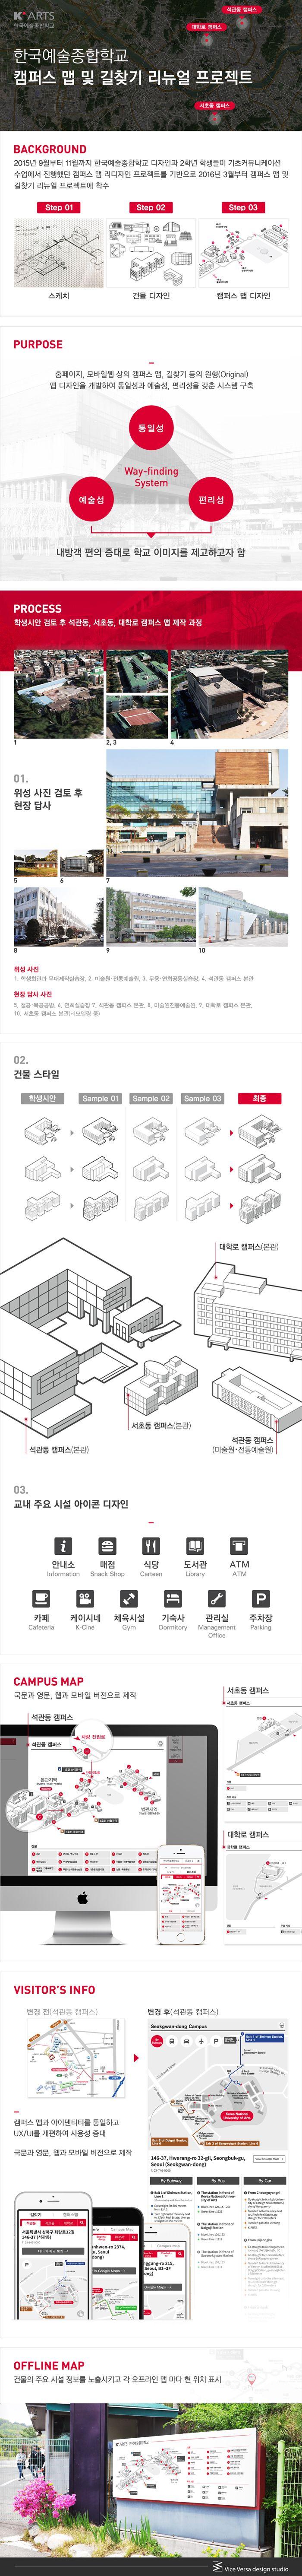 한국예술종합학교 캠퍼스 맵 및 길찾기 리뉴얼 프로젝트